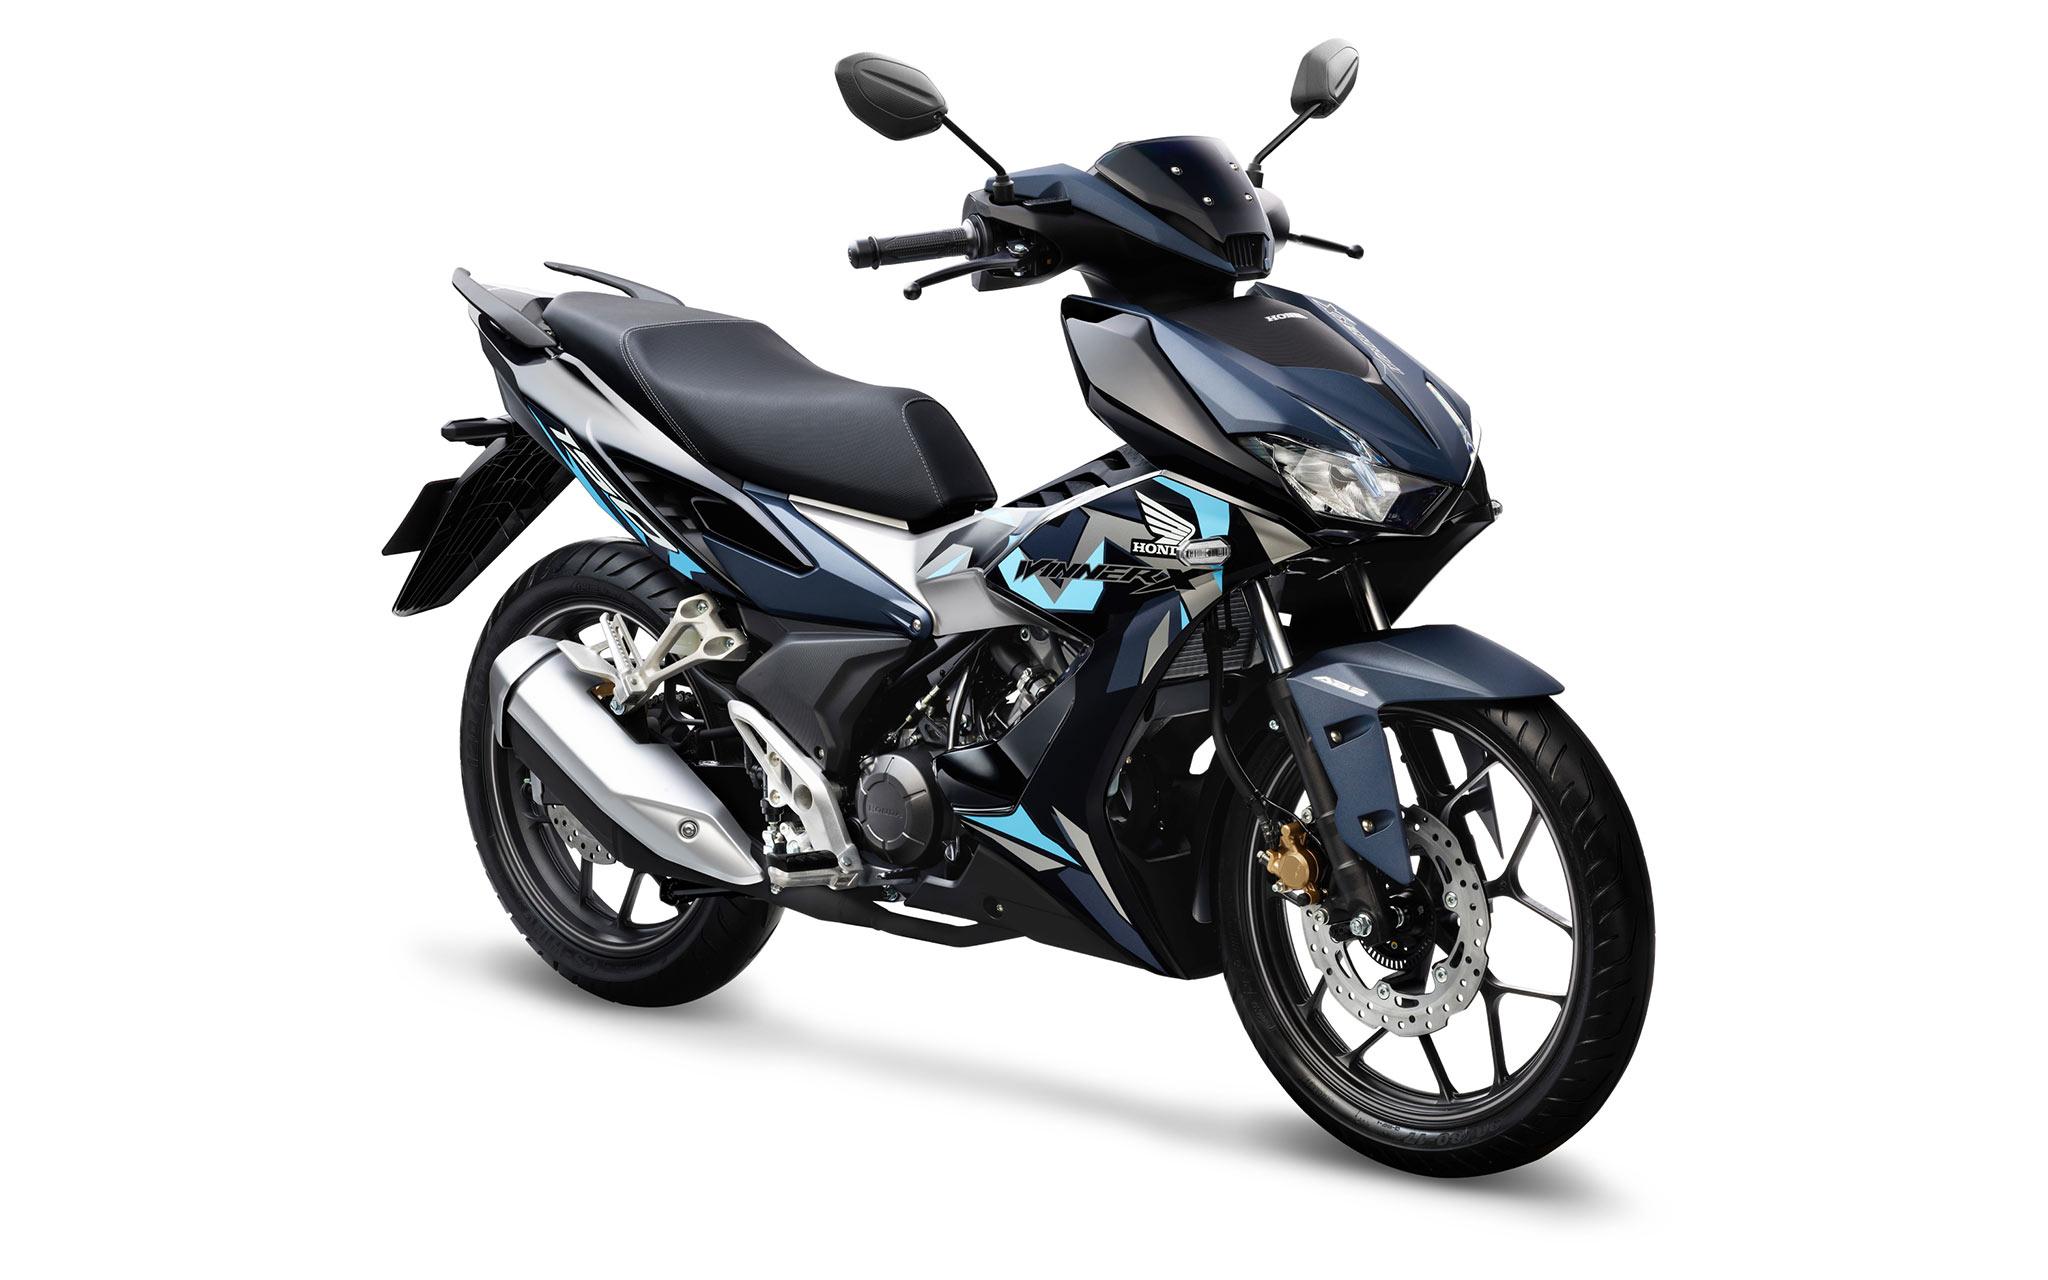 Giải mã sức hút của bộ đôi xe hot Honda Winner X và Air Blade winner-x-xanh-den-bac.jpg